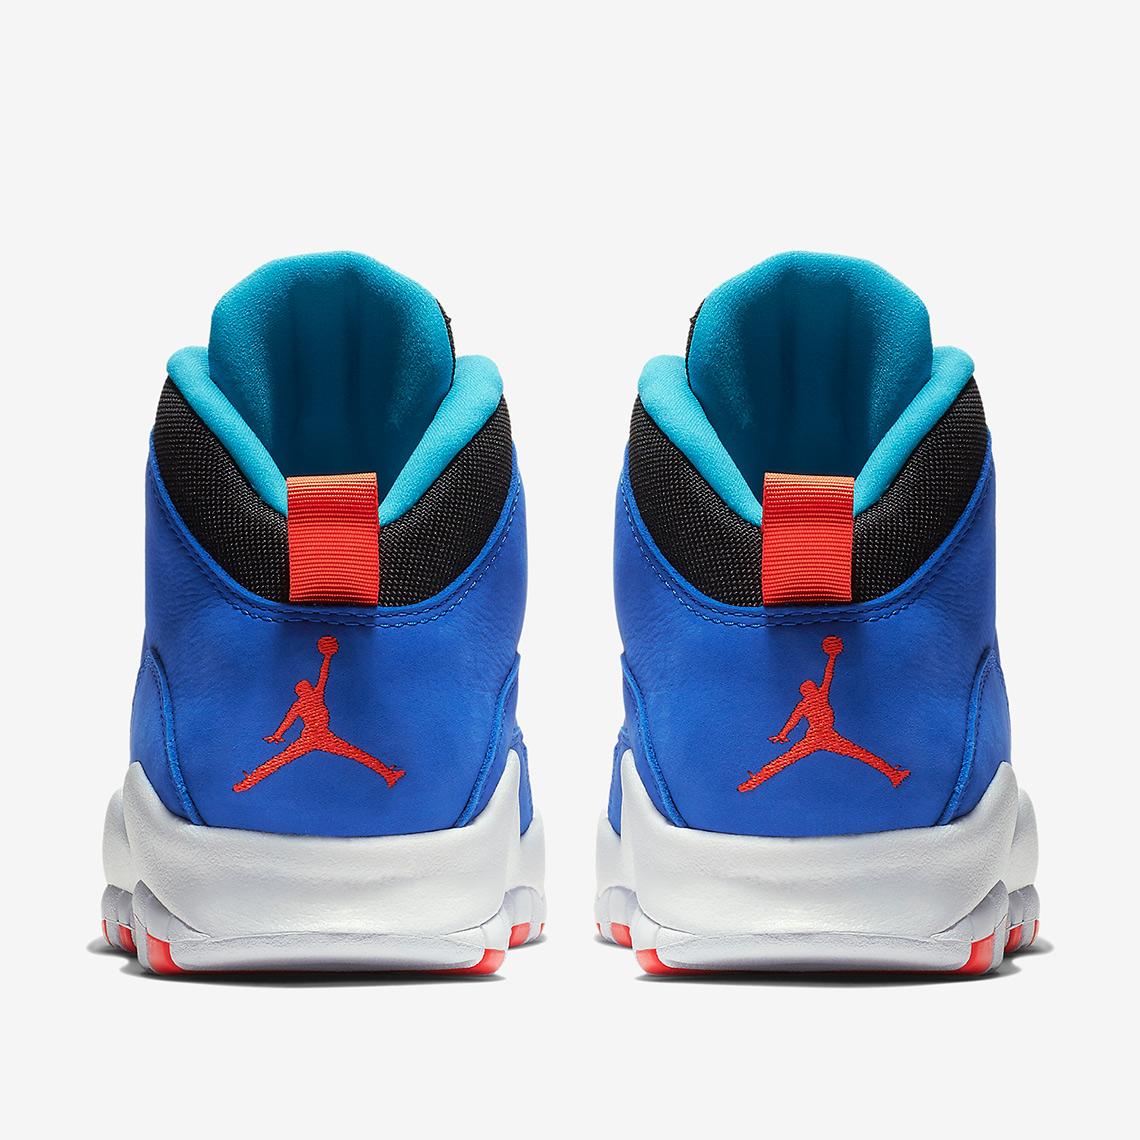 1de7e670ad2fe6 Air Jordan 10 Tinker Photos + Release Info